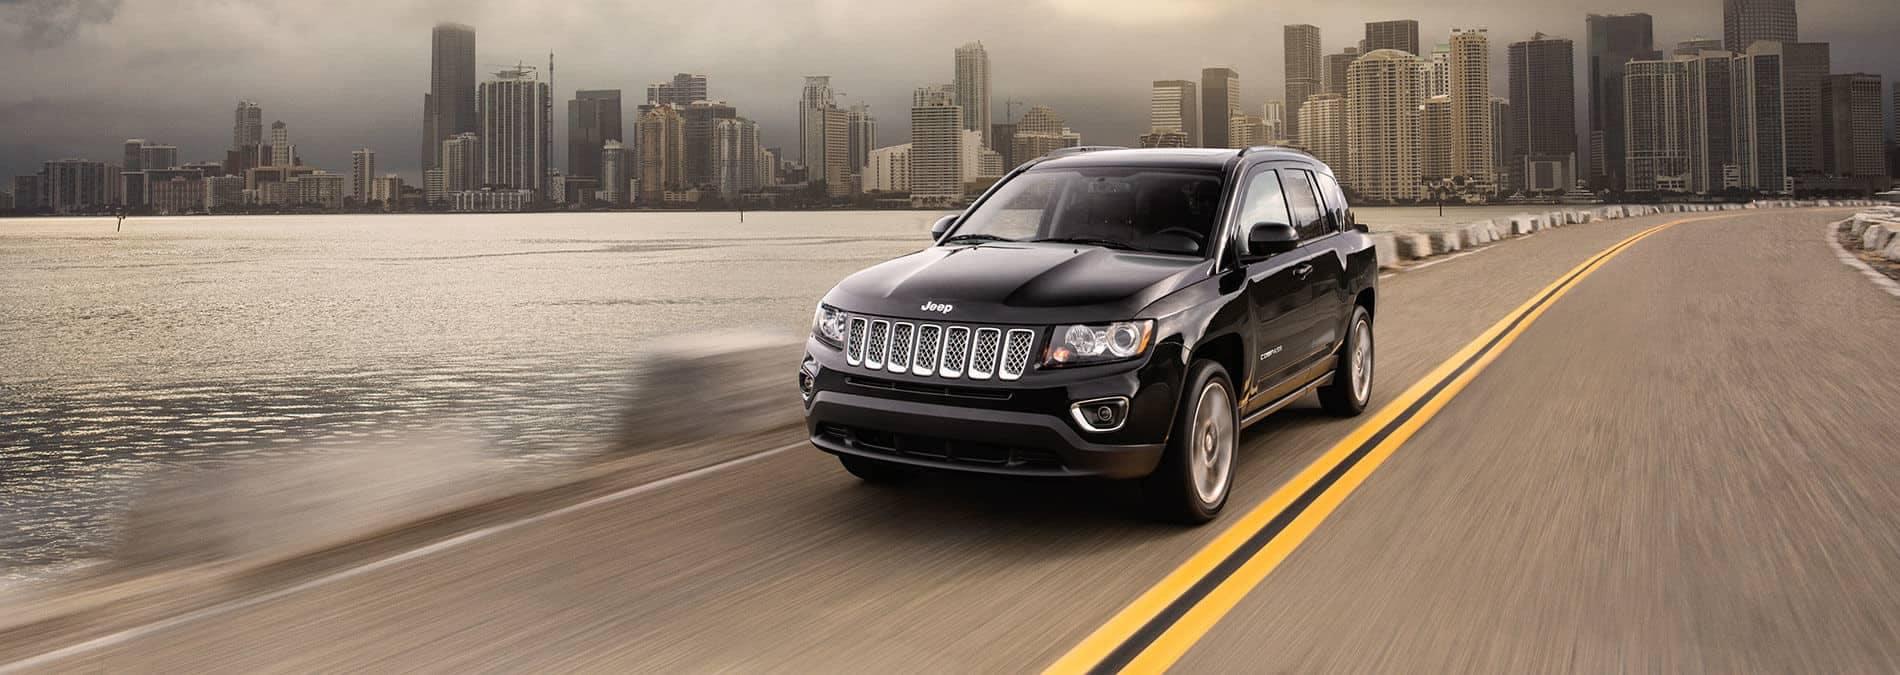 Jeep-Compass-2015-Miami